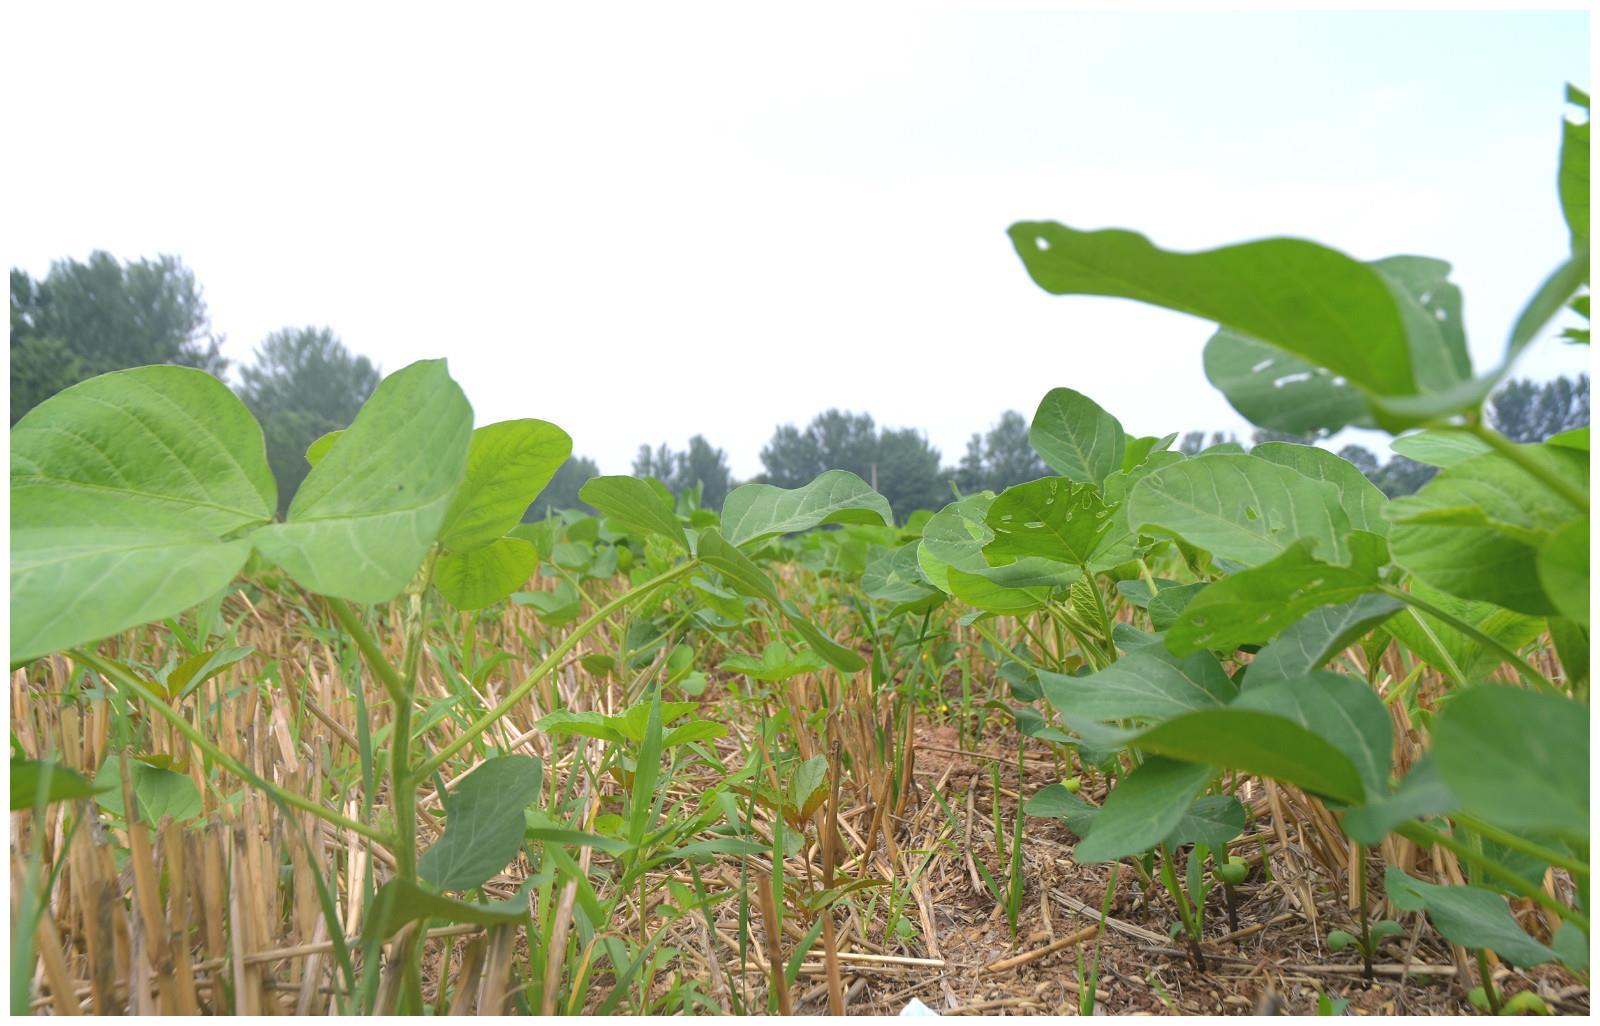 大豆虫害来袭,3点因素增加防治难度,农民朋友牢记施药技巧